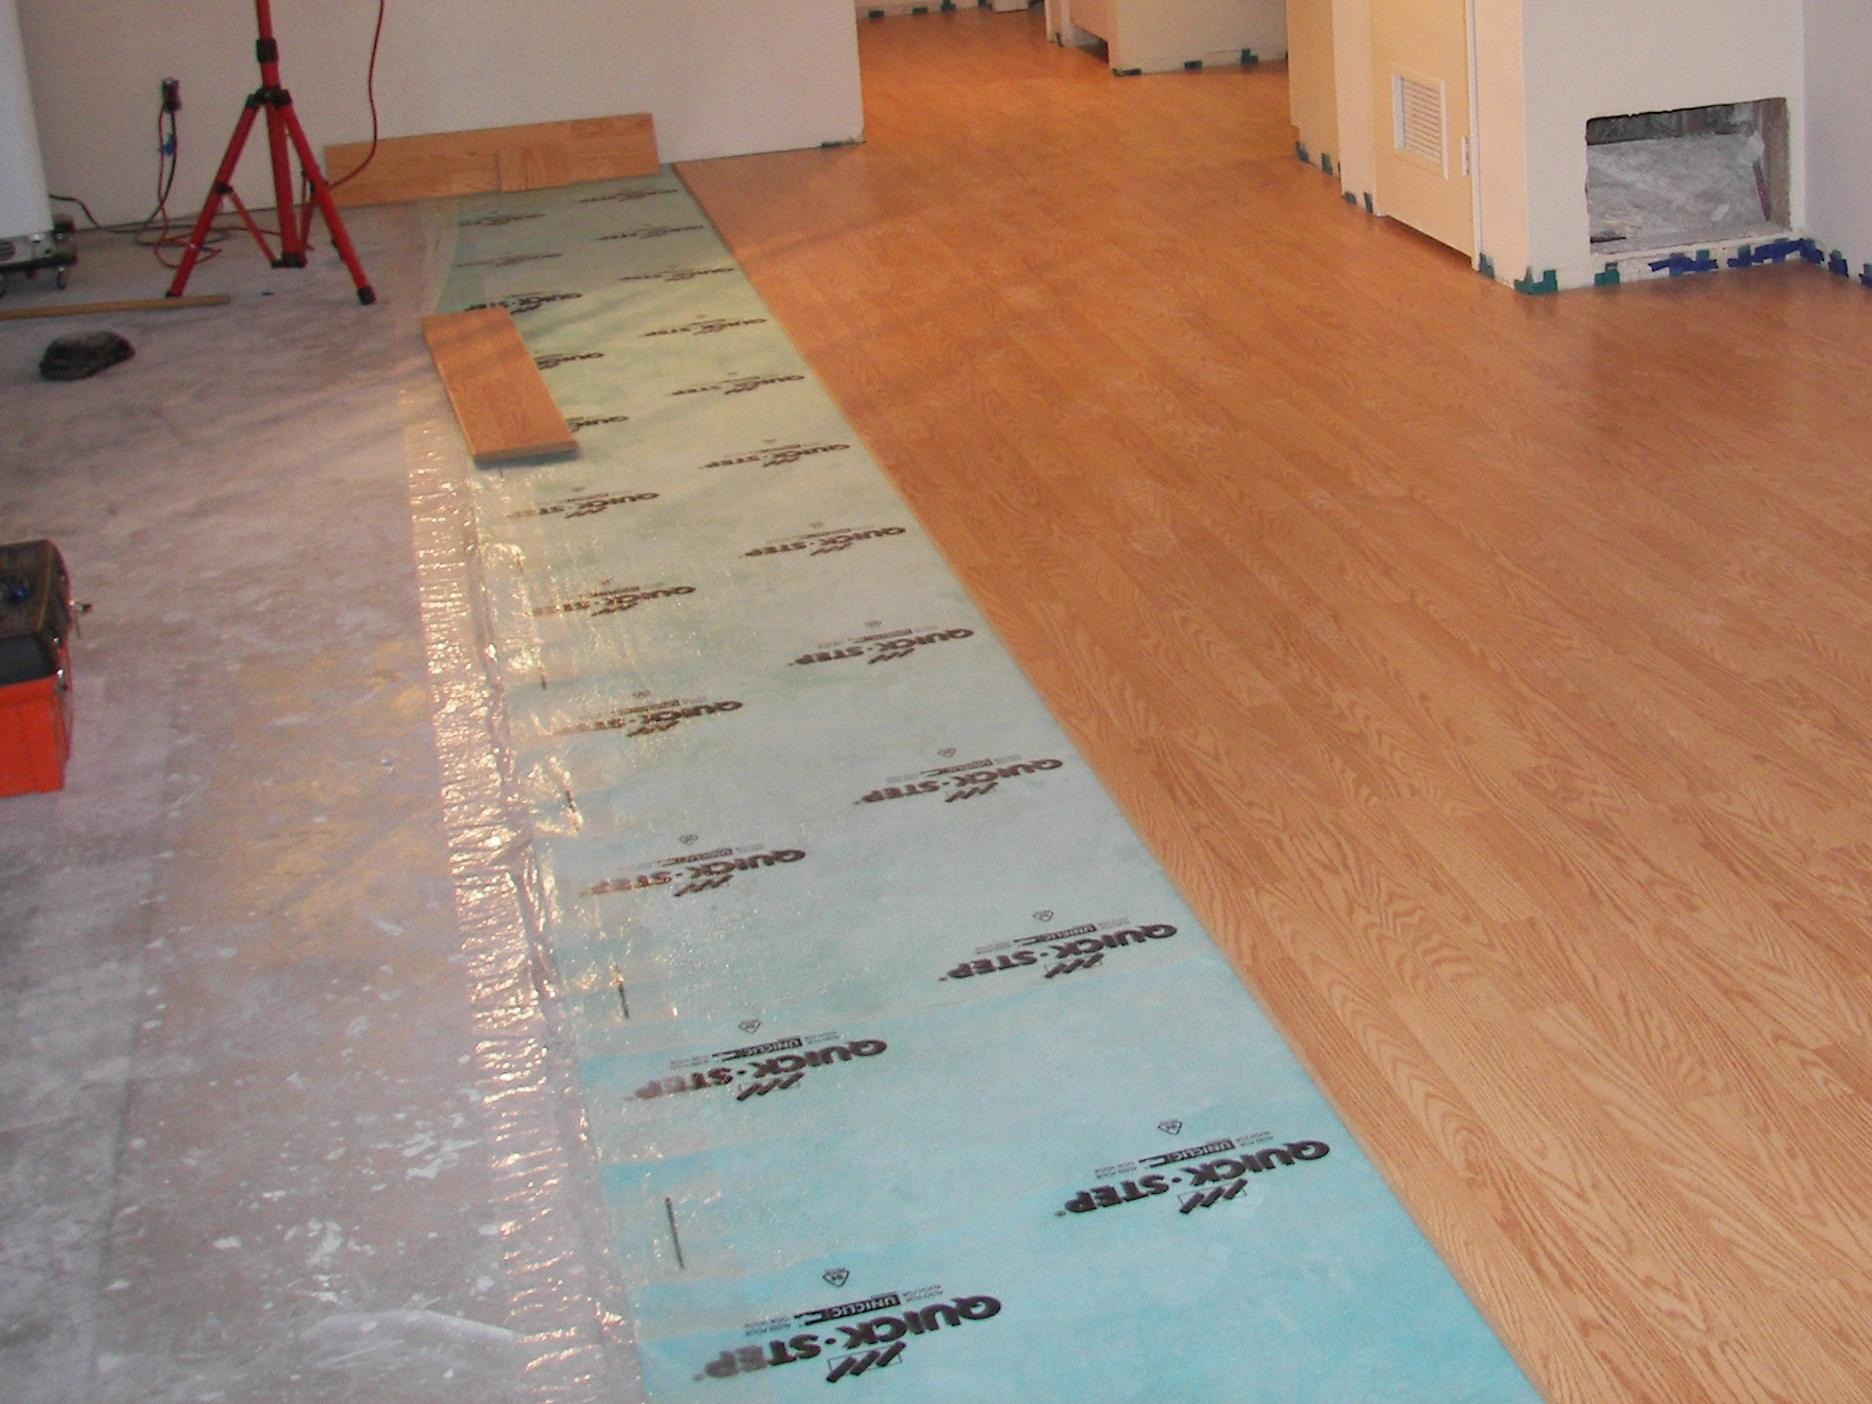 Wood Floor Over Concrete Basementflooring laminate flooring over tile in basement floor ideas